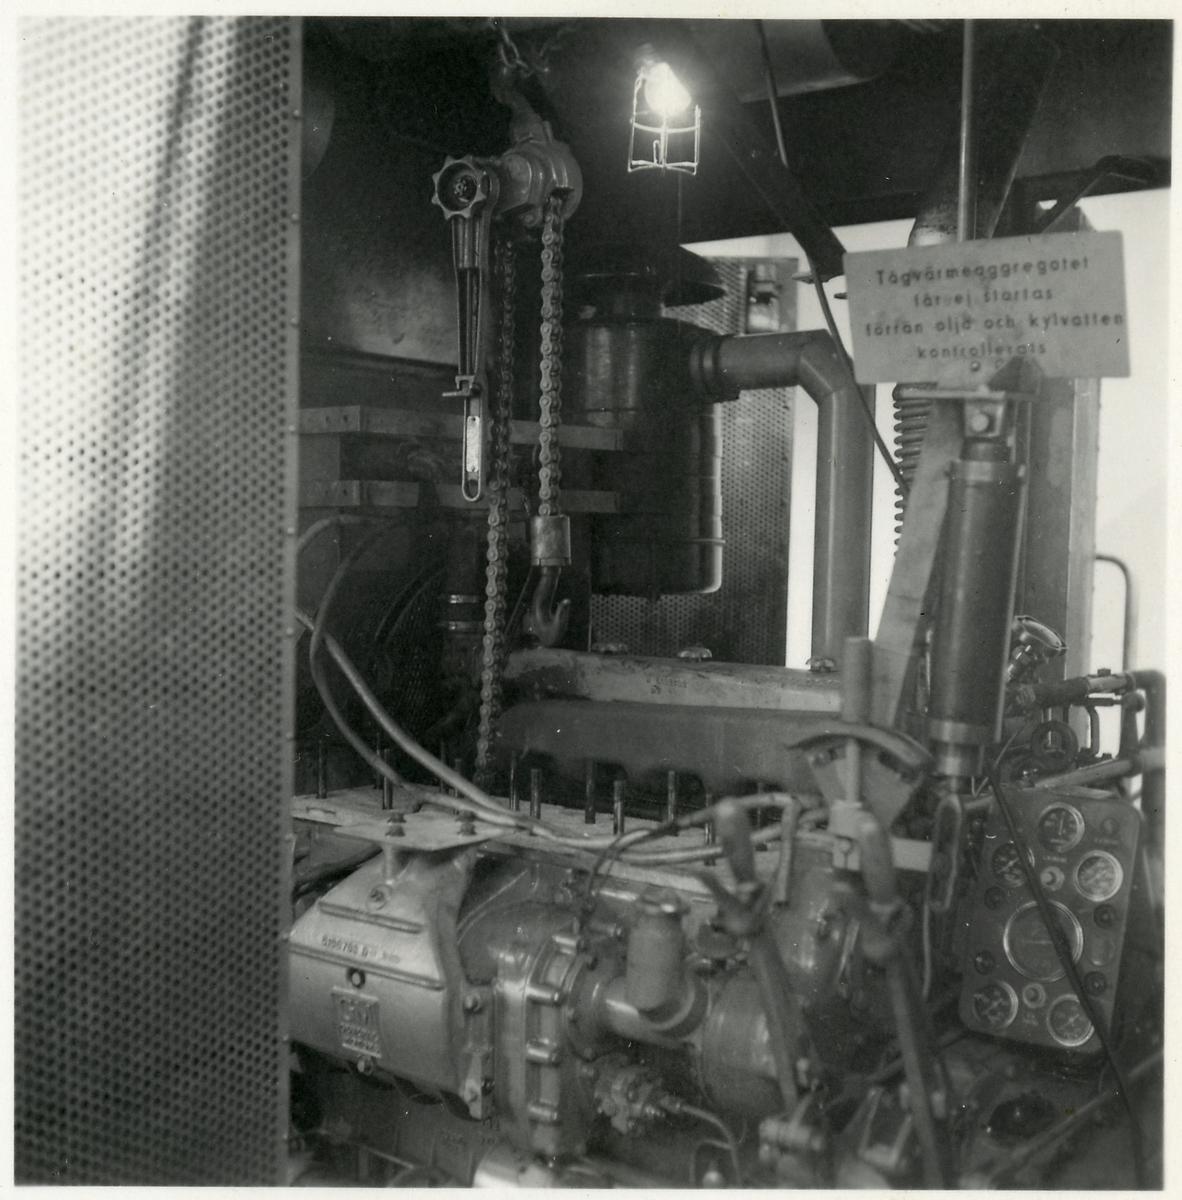 Detaljbild - Motor och vinsch.